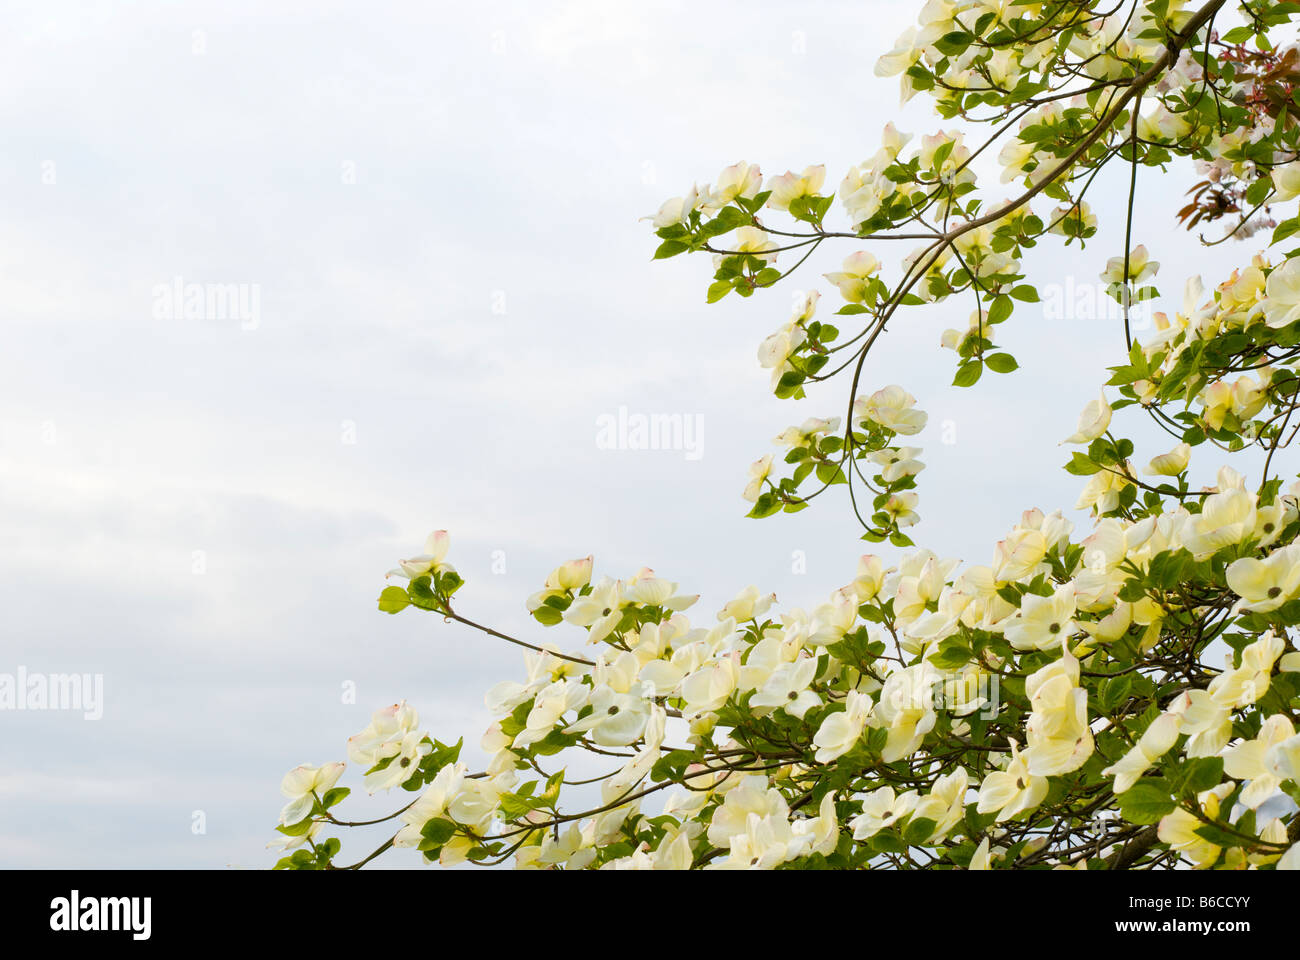 Cornus Tree Stock Photos & Cornus Tree Stock Images - Alamy